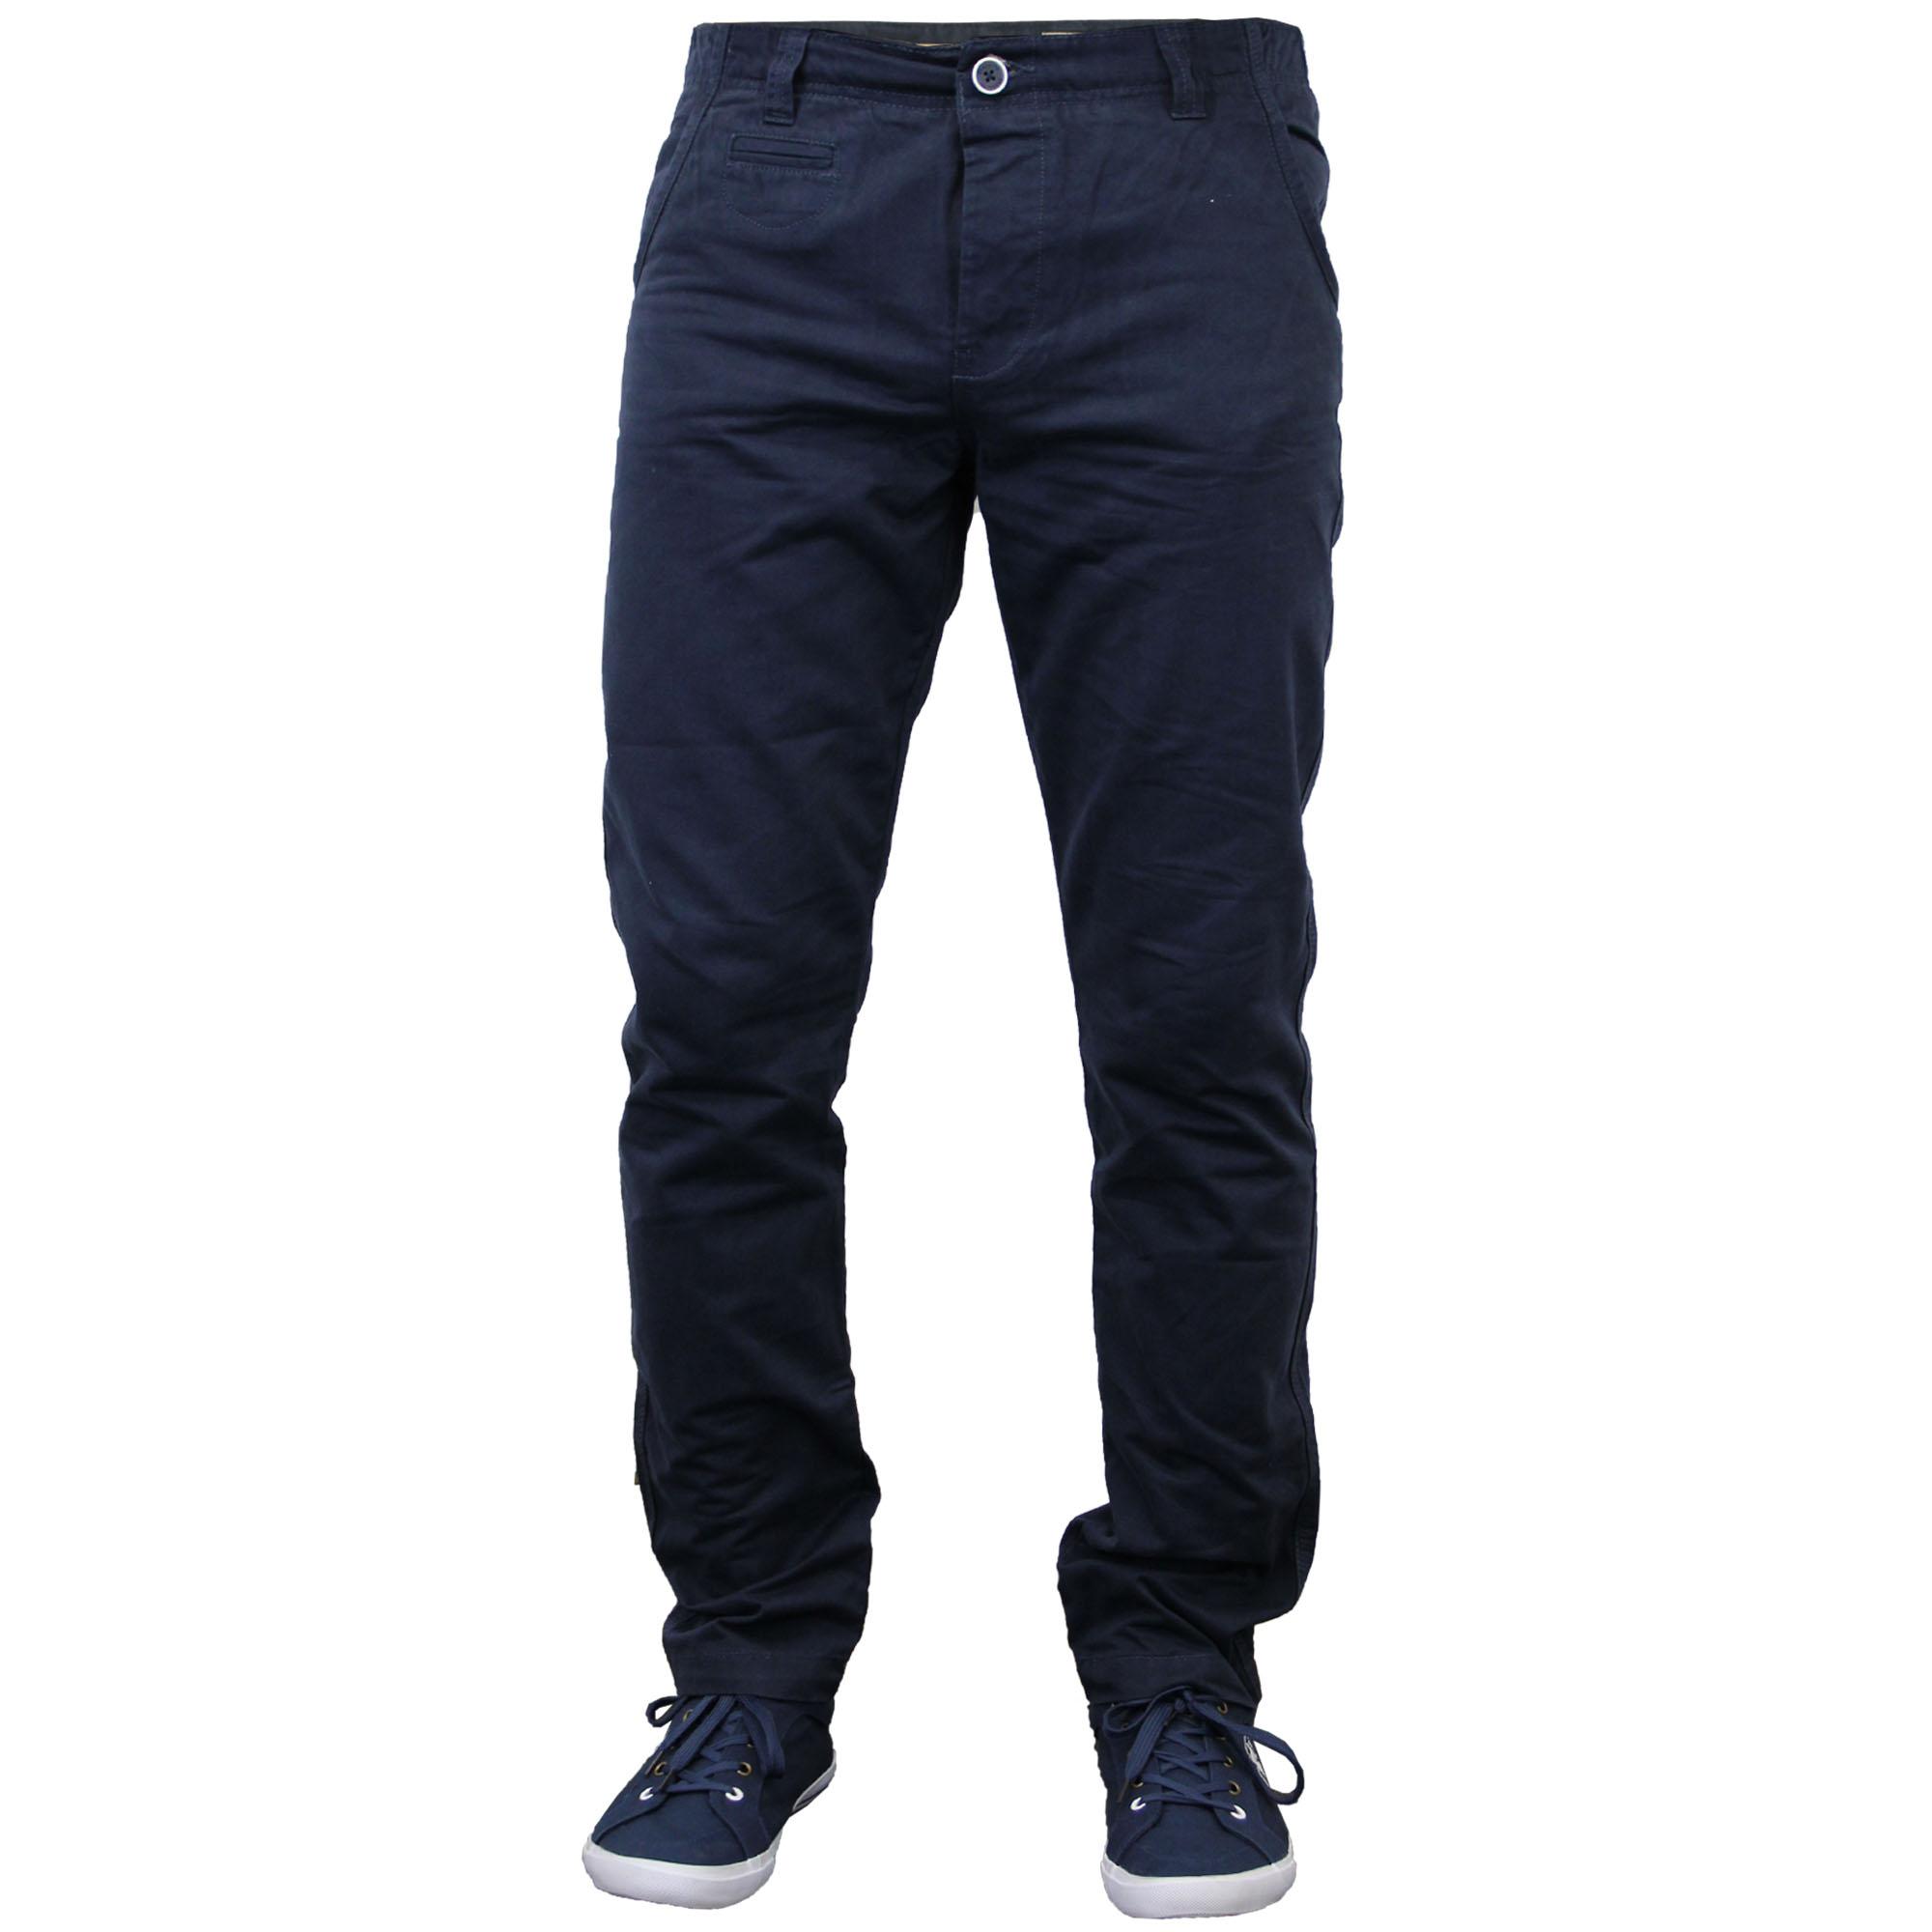 pantalon chino jeans homme coupe droite obligations stallion pantalon bottoms slim nouveau ebay. Black Bedroom Furniture Sets. Home Design Ideas